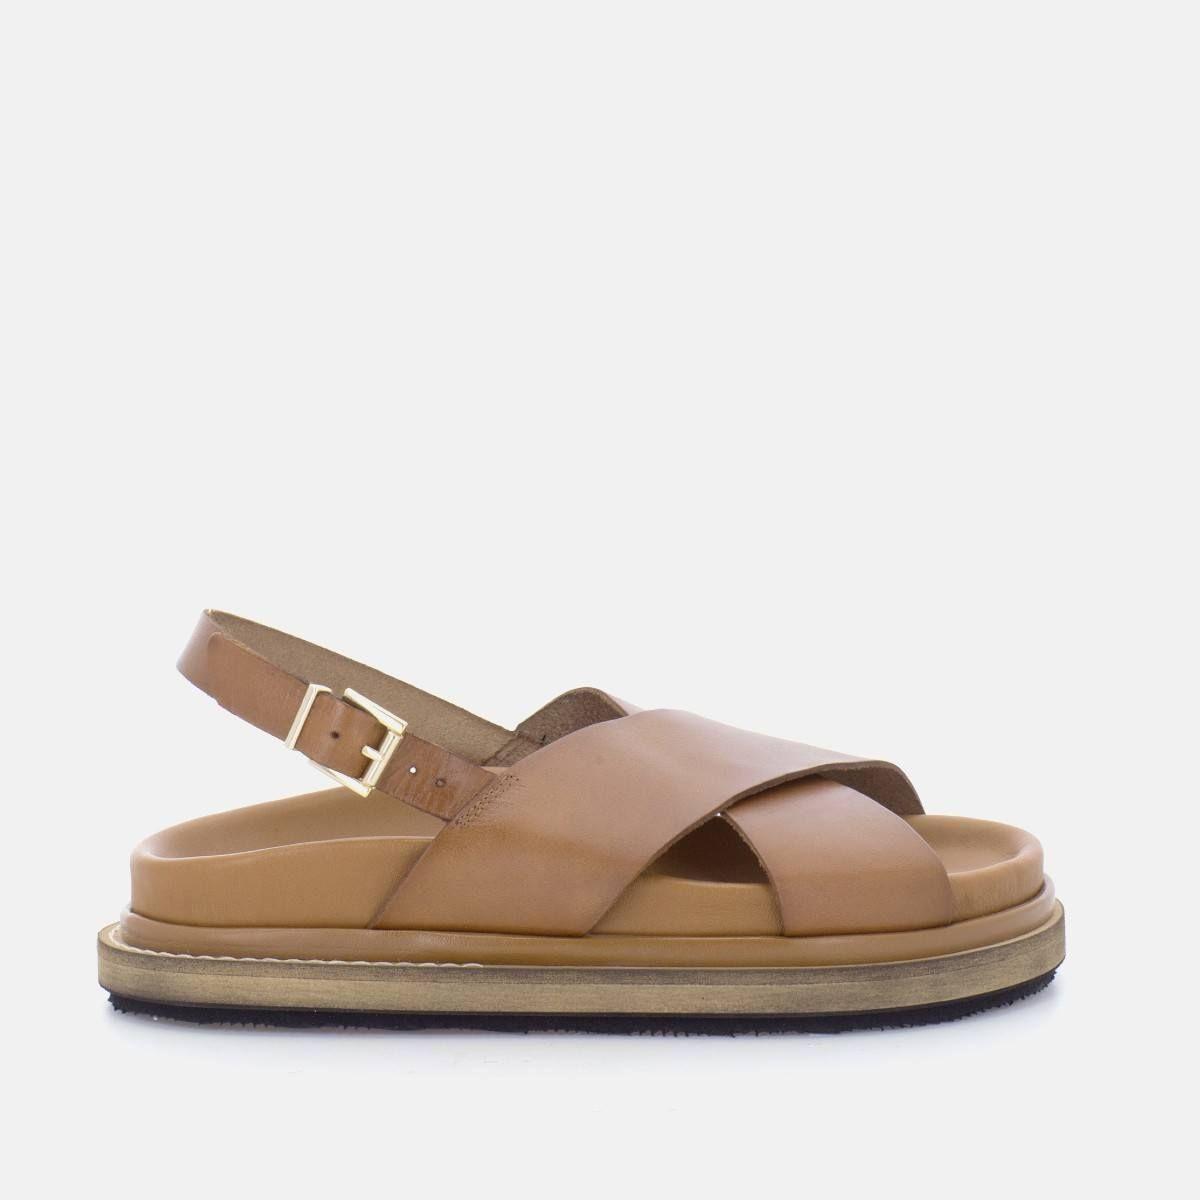 Sandales en cuir MARSHMALLOW